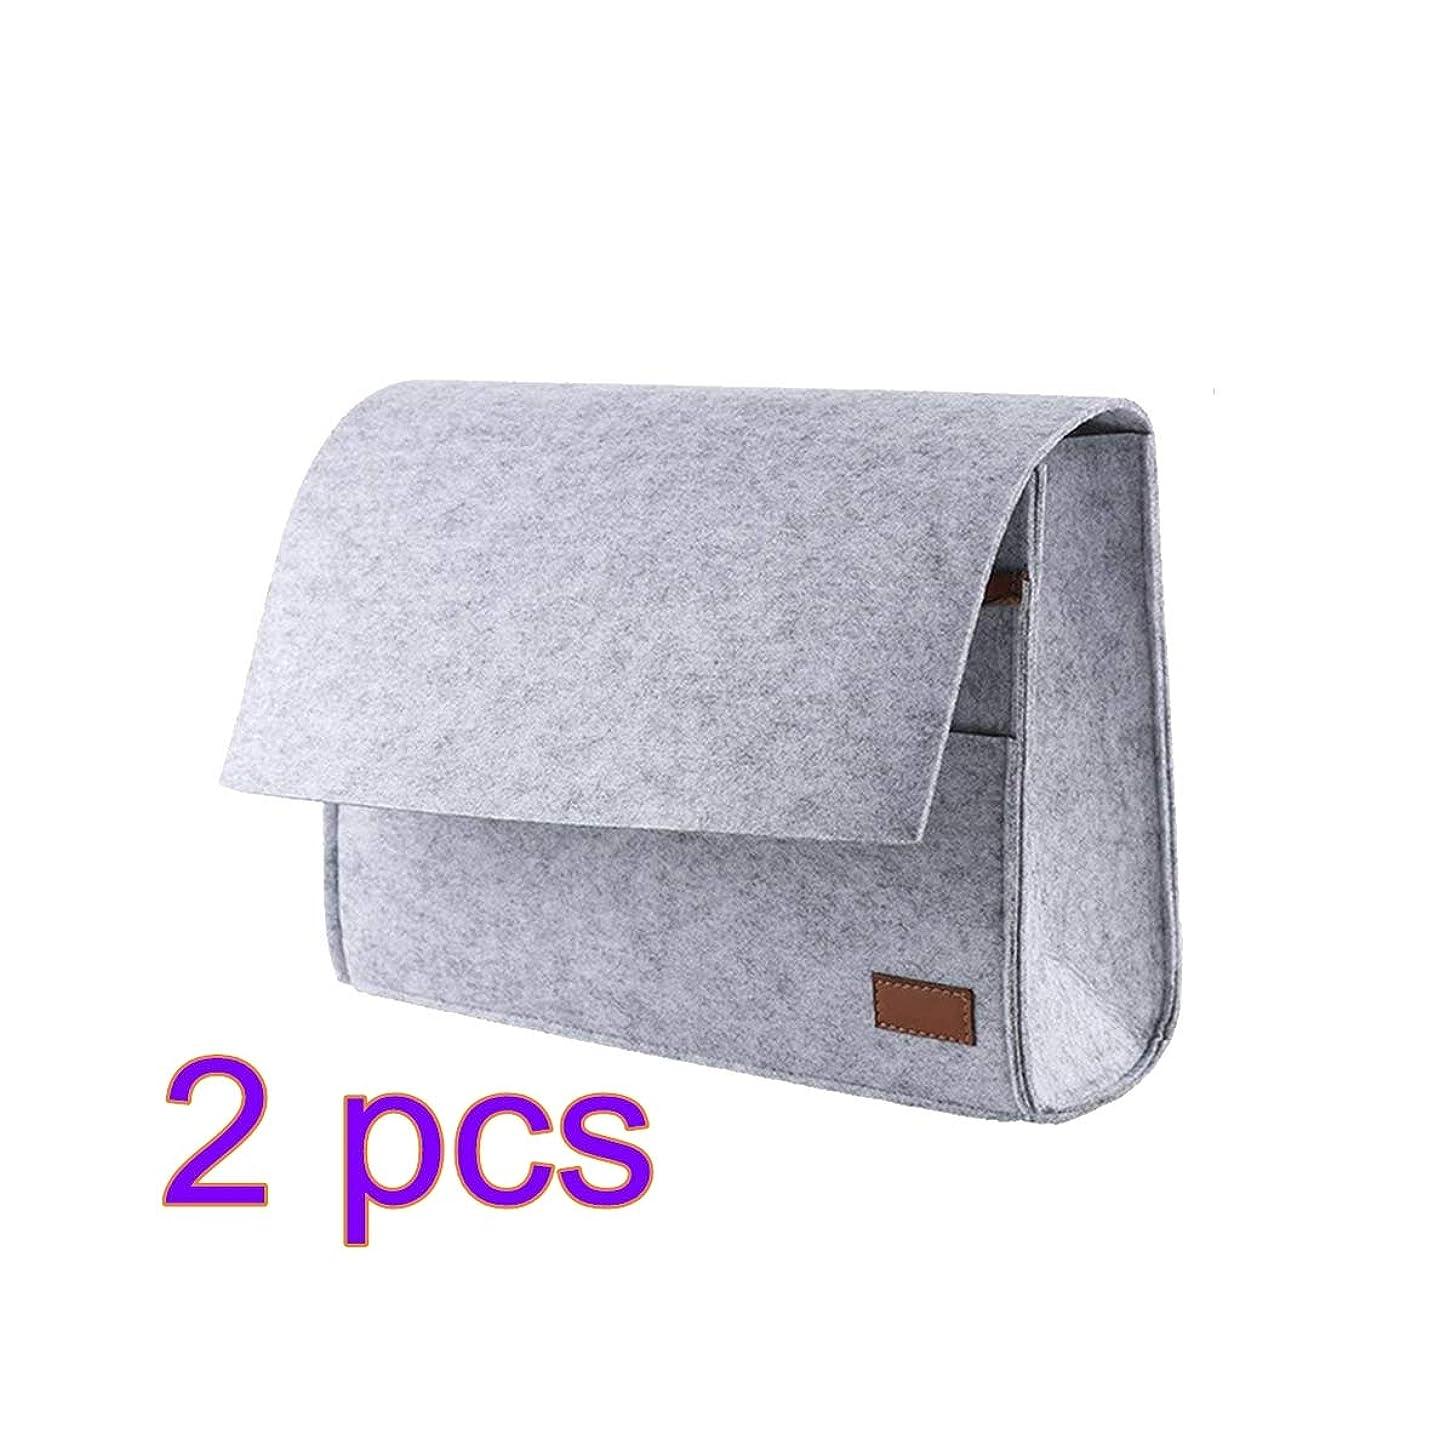 ポップ上流の叫ぶTOPBATHY 2ピースポータブルフェルトバッグぶら下げオーガナイザーベッドサイドストレージバッグ電子アクセサリー保護ケースリモコン収納ポーチ(グレー)